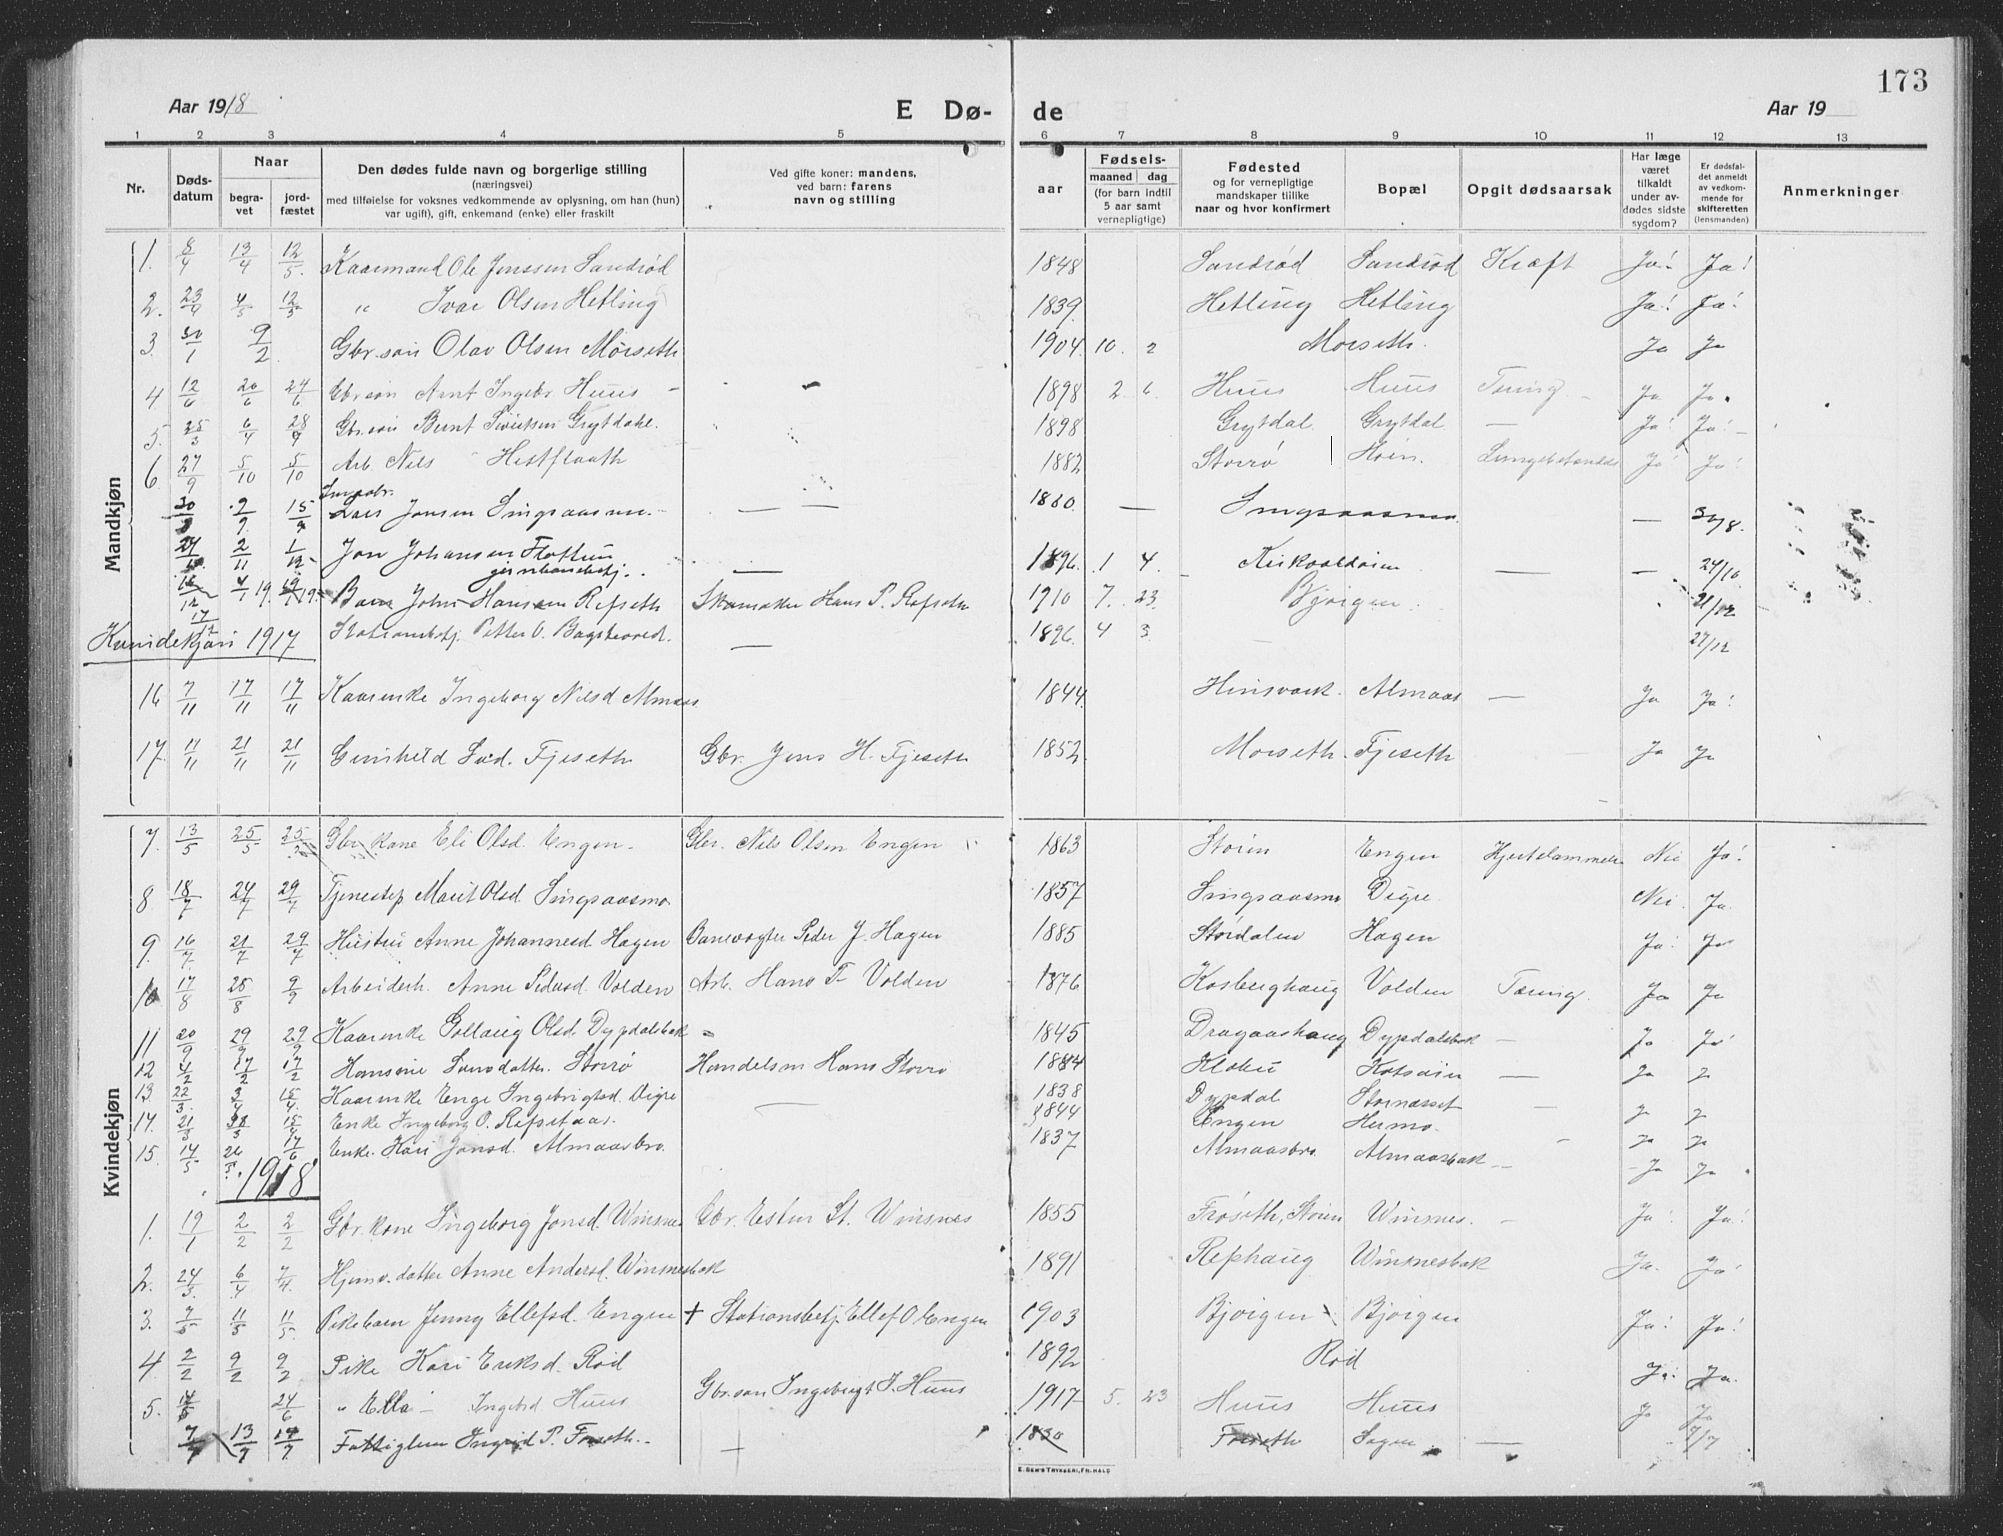 SAT, Ministerialprotokoller, klokkerbøker og fødselsregistre - Sør-Trøndelag, 688/L1030: Klokkerbok nr. 688C05, 1916-1939, s. 173